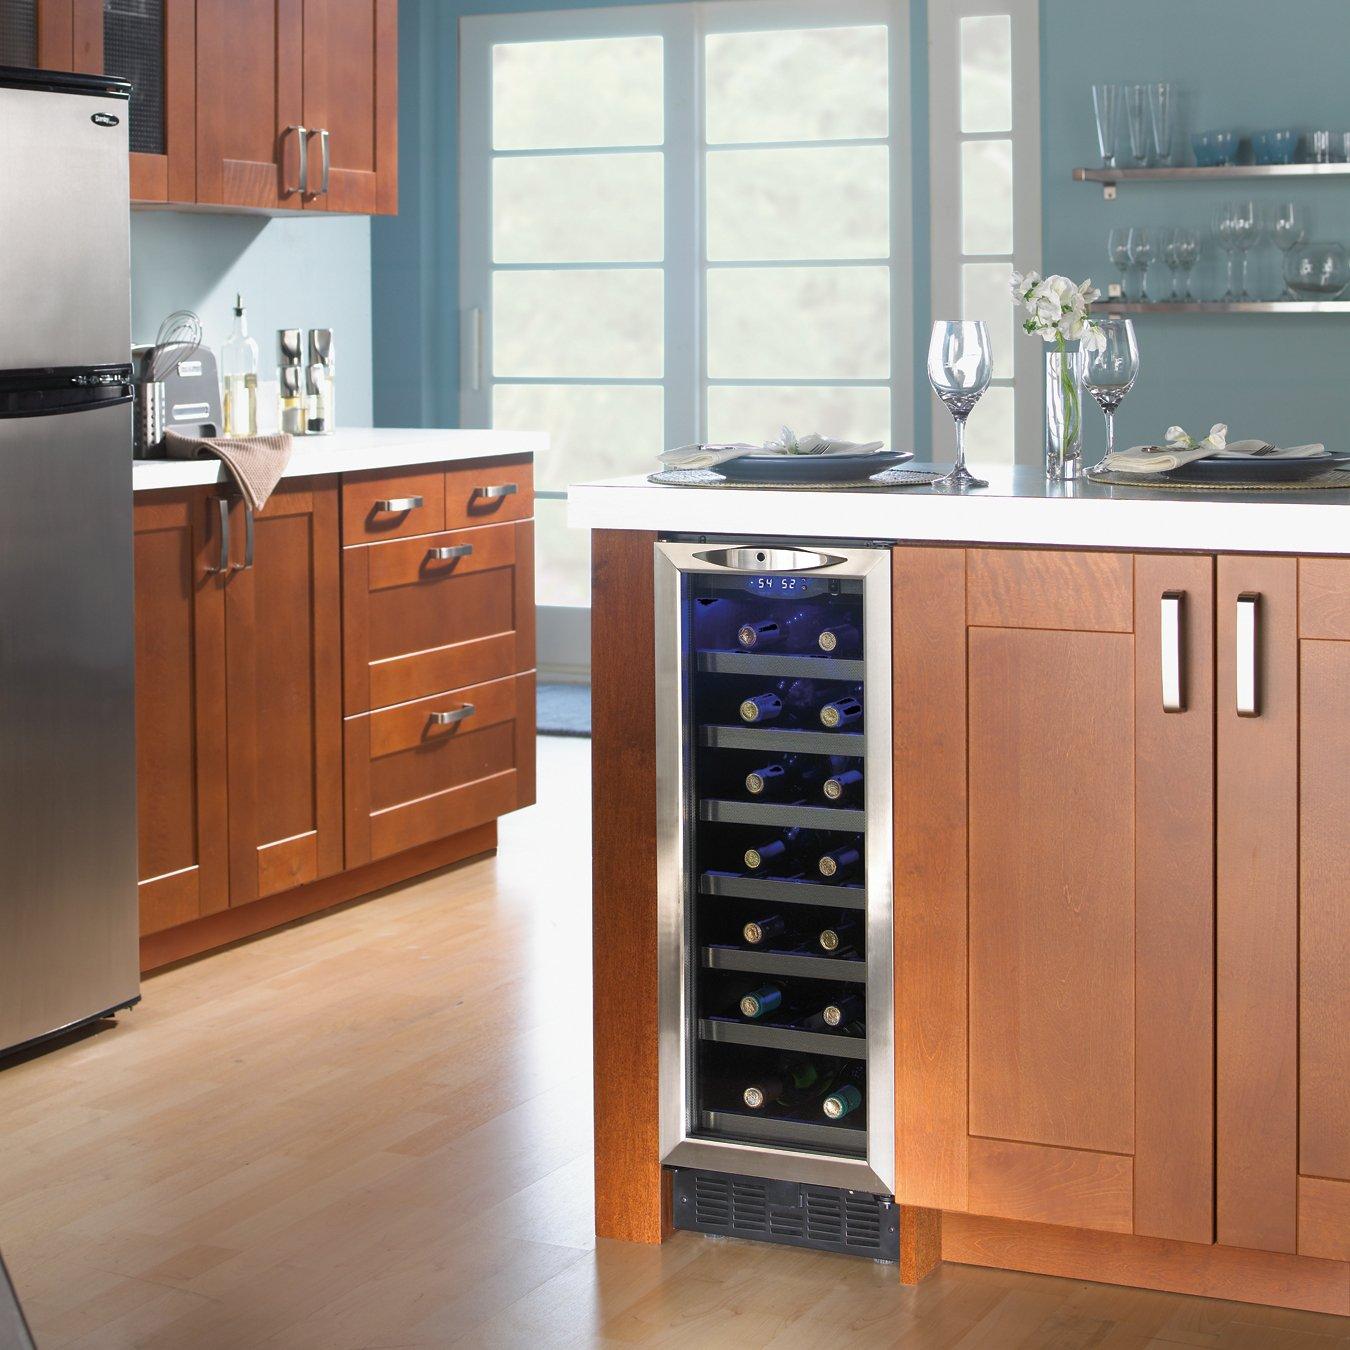 Danby DWC276BLS 27-Bottle Silhouette Wine Cellar